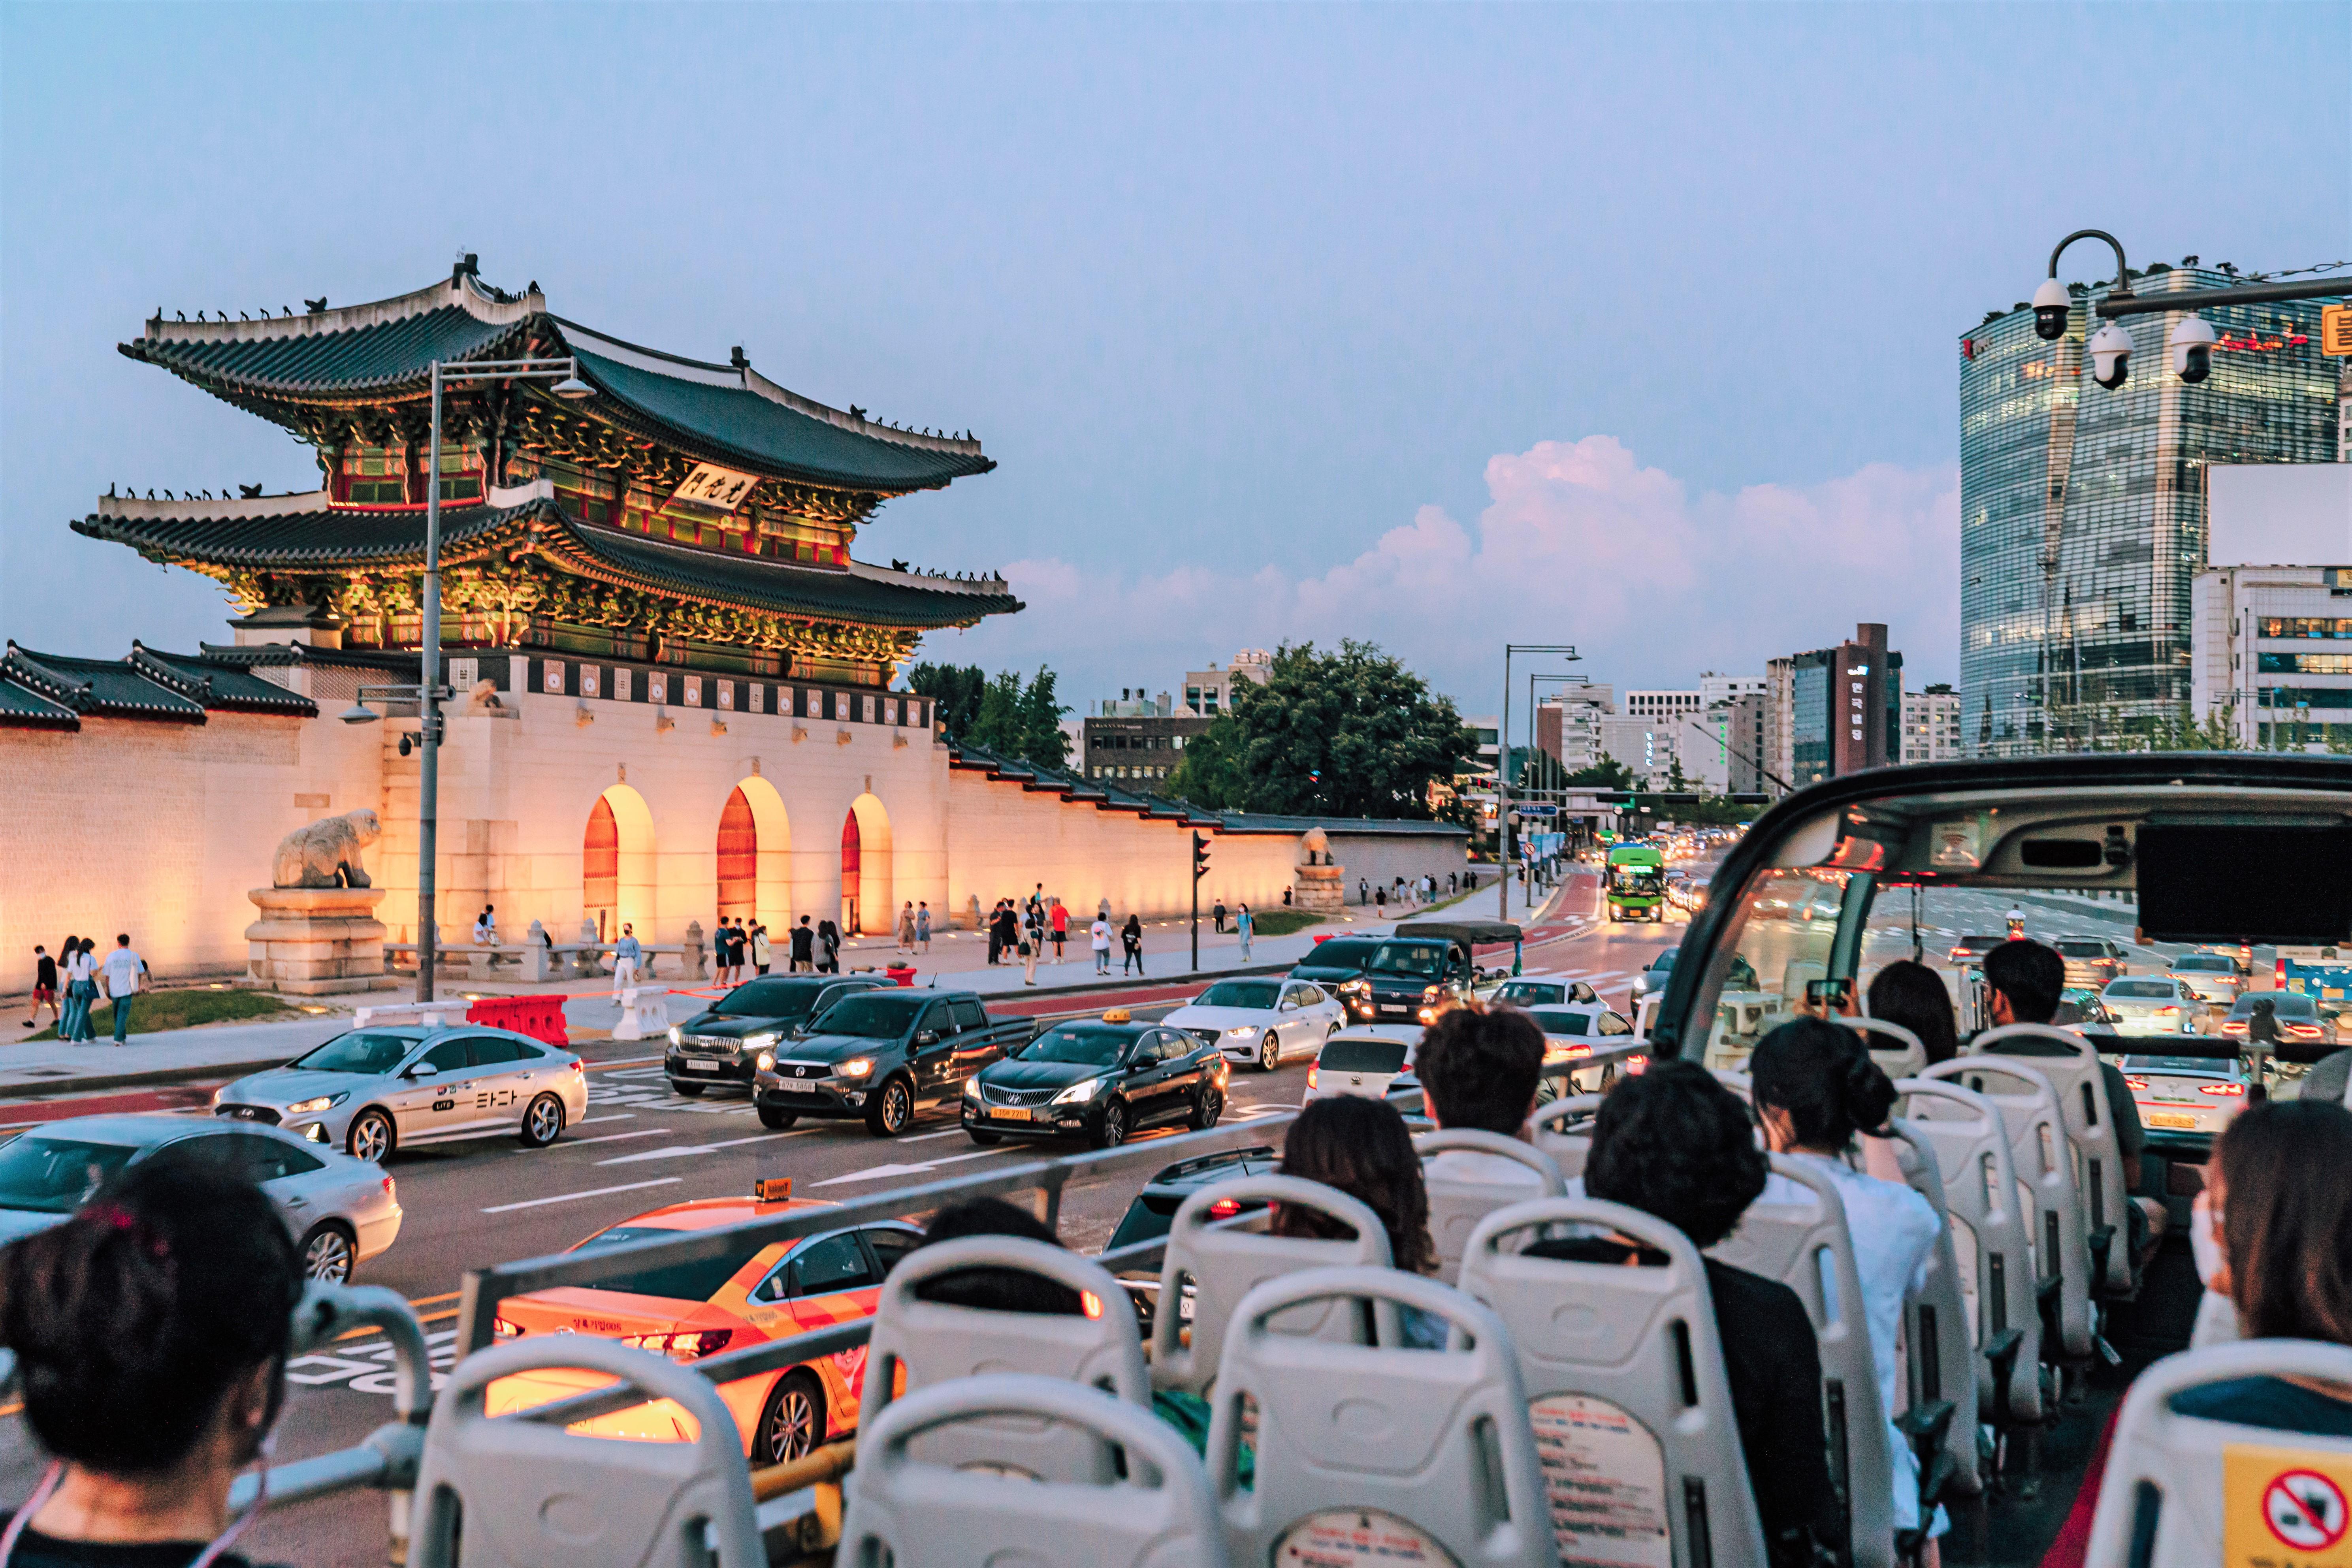 首爾市內的車道經過的首爾城市觀光巴士,乘坐首爾城市觀光巴士的人、道路上的車子還有燈亮着的光化門